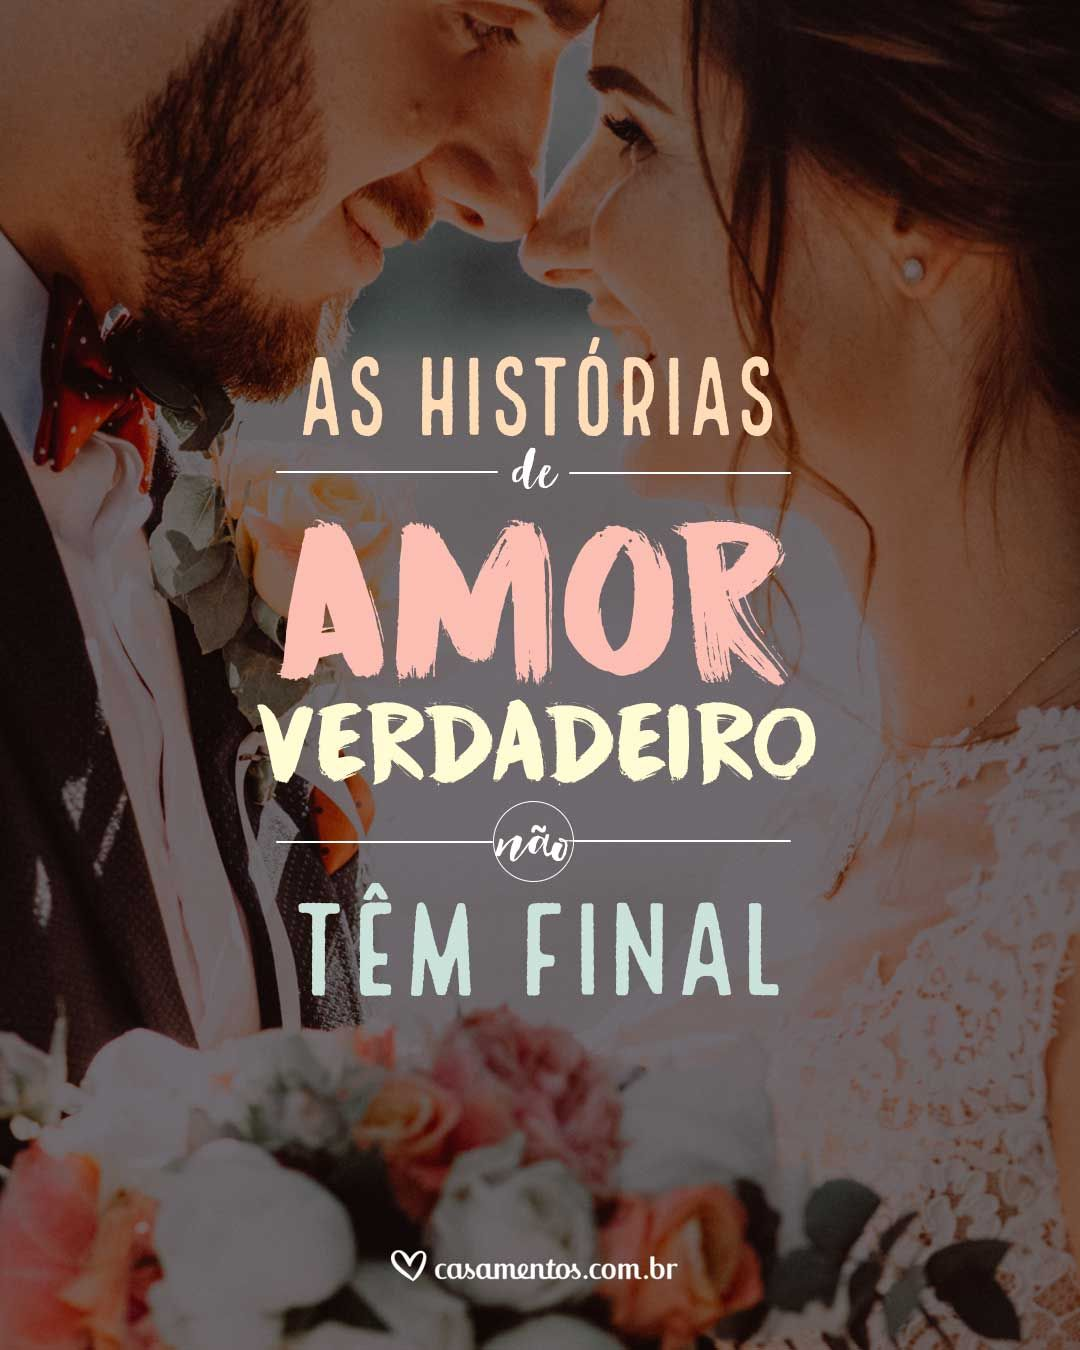 Frases De Amor Para Compartilhar Com Quem Te Faz Mais Feliz Casamentoscombr Casamentos Casame Frases Pedido De Casamento Casamento Frases Frases Romanticas